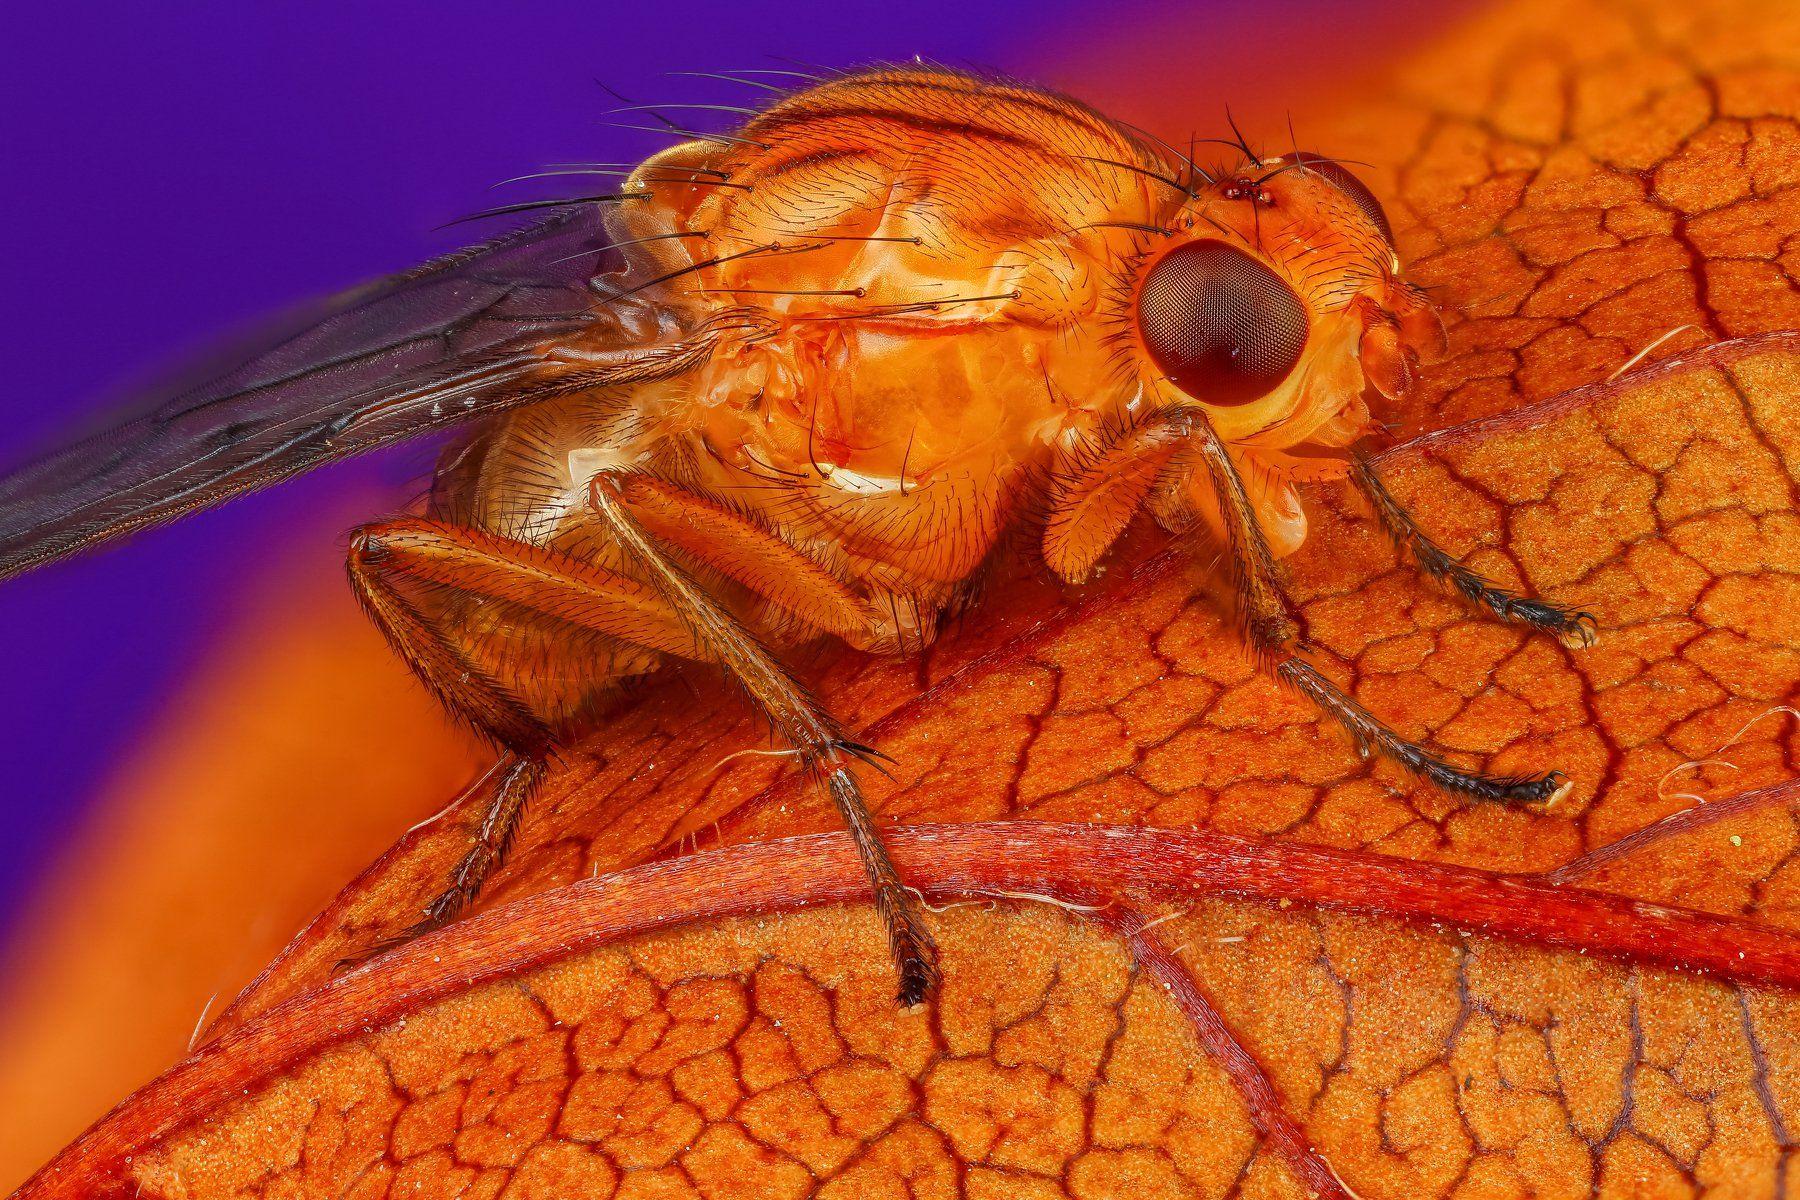 муха макро оранжевый фиолетовый насекомое животное, Шаповалов Андрей